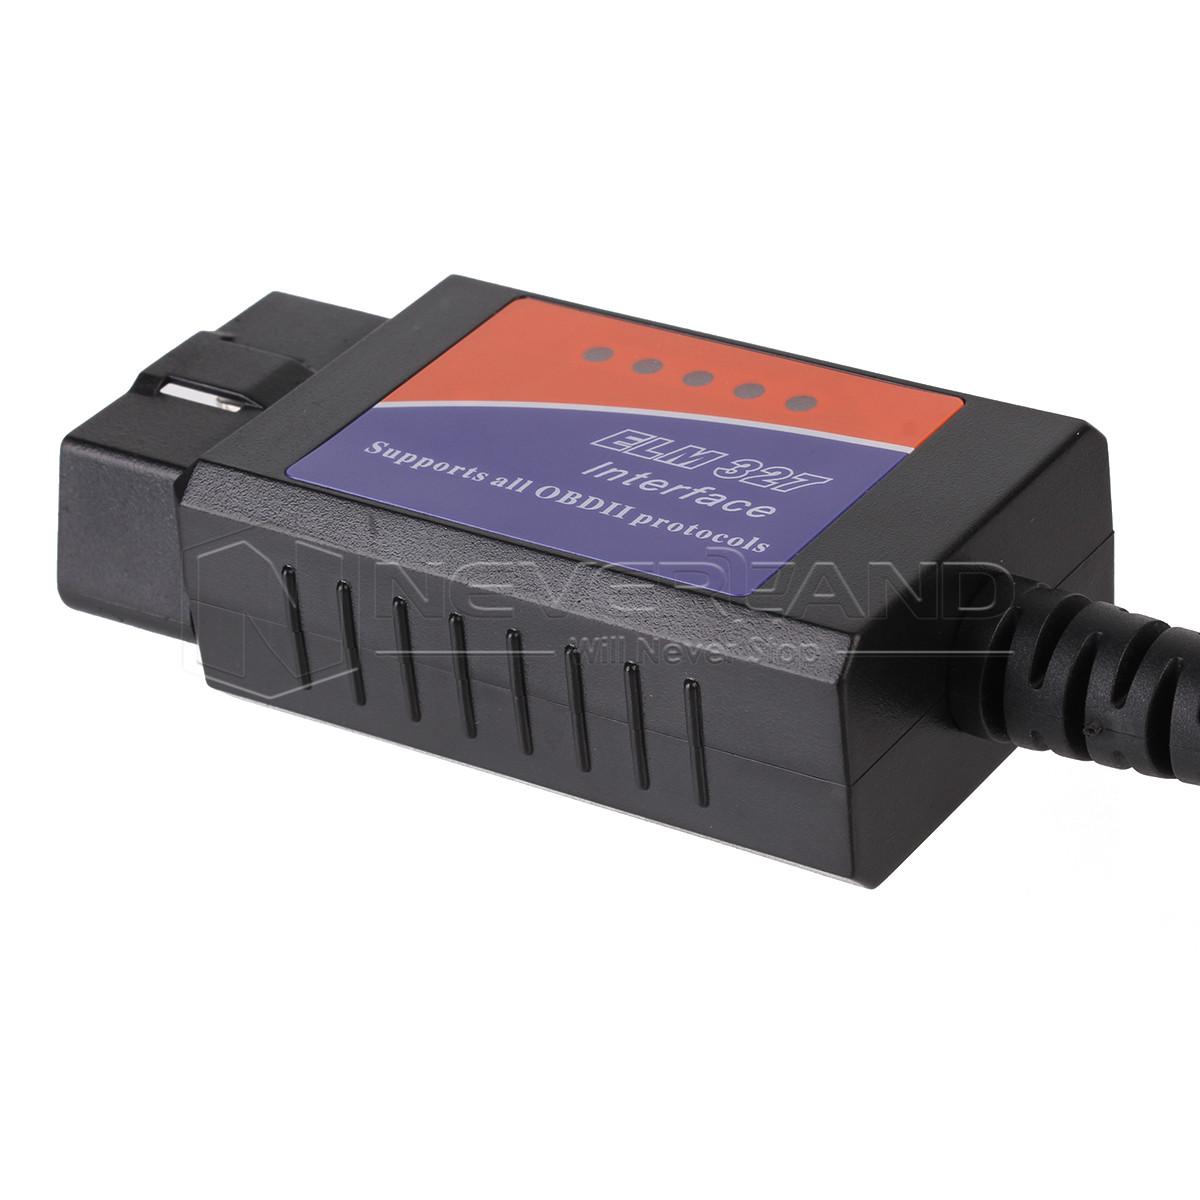 elm327 usb interface bluetooth wifi obdii obd2 diagnostic car code scanner tool ebay. Black Bedroom Furniture Sets. Home Design Ideas